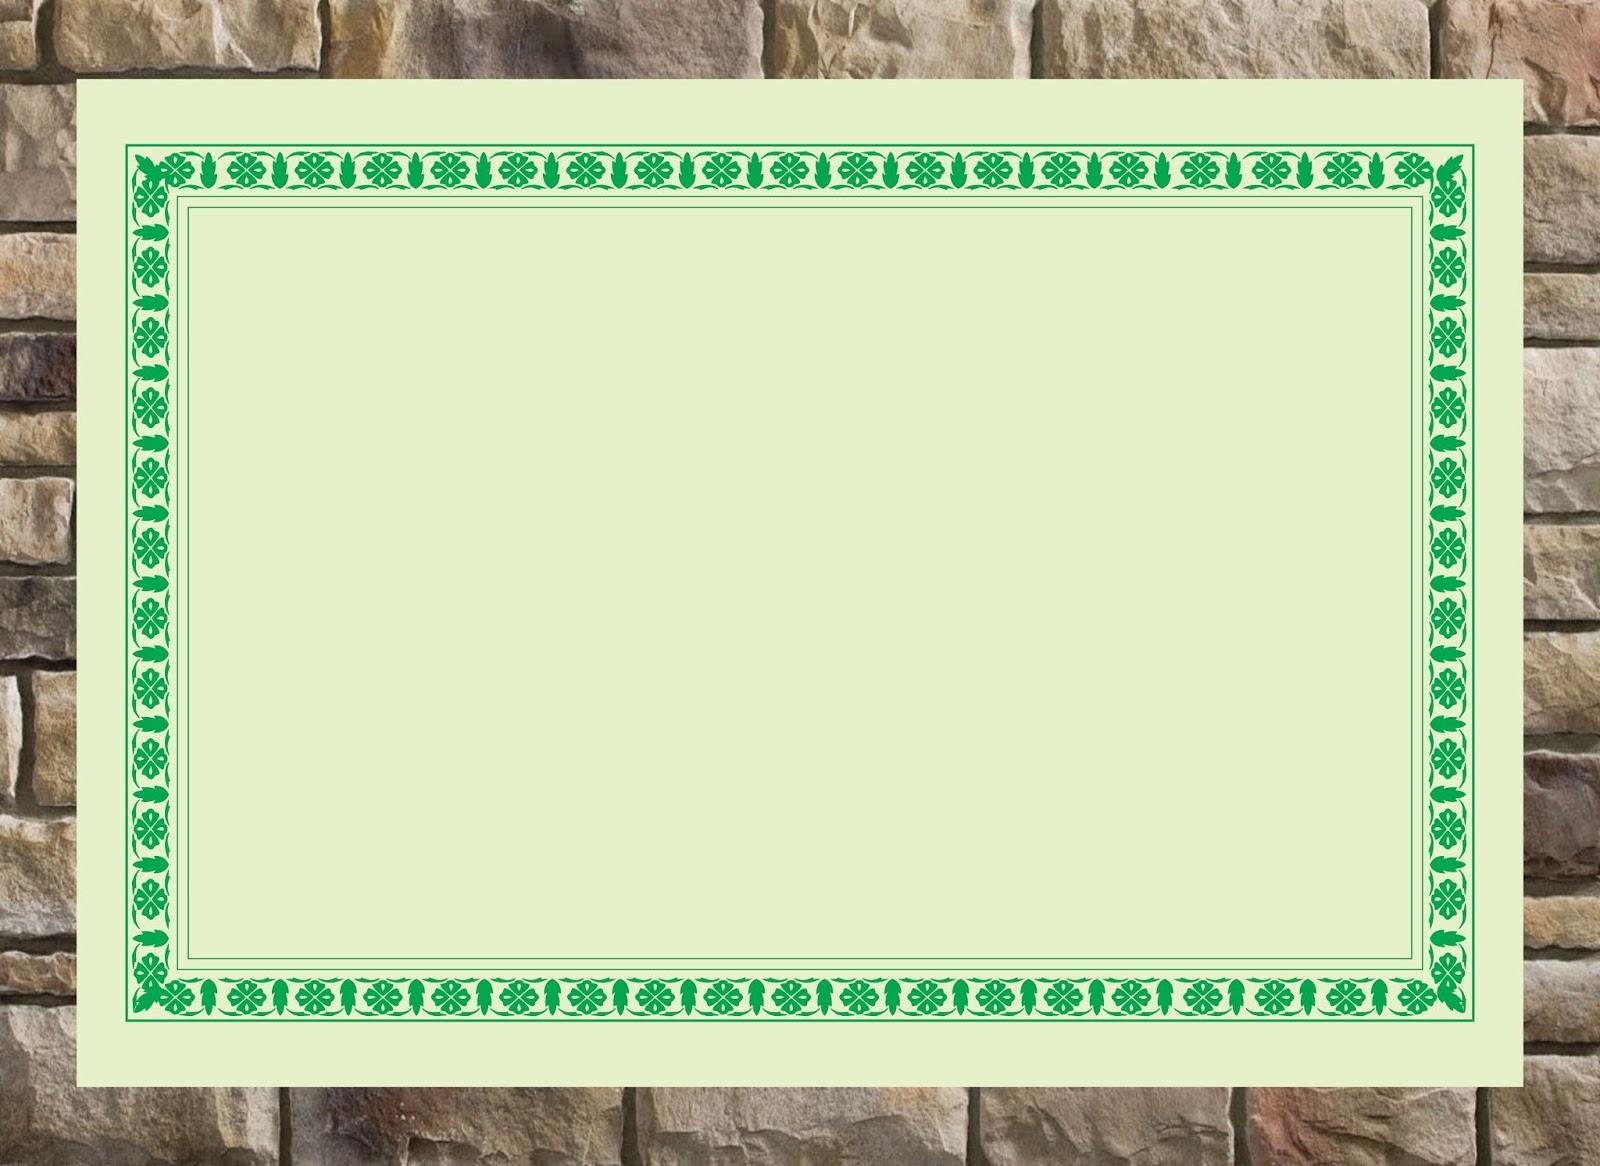 Unduh 9300 Koleksi Background Hijau Sertifikat Paling Keren